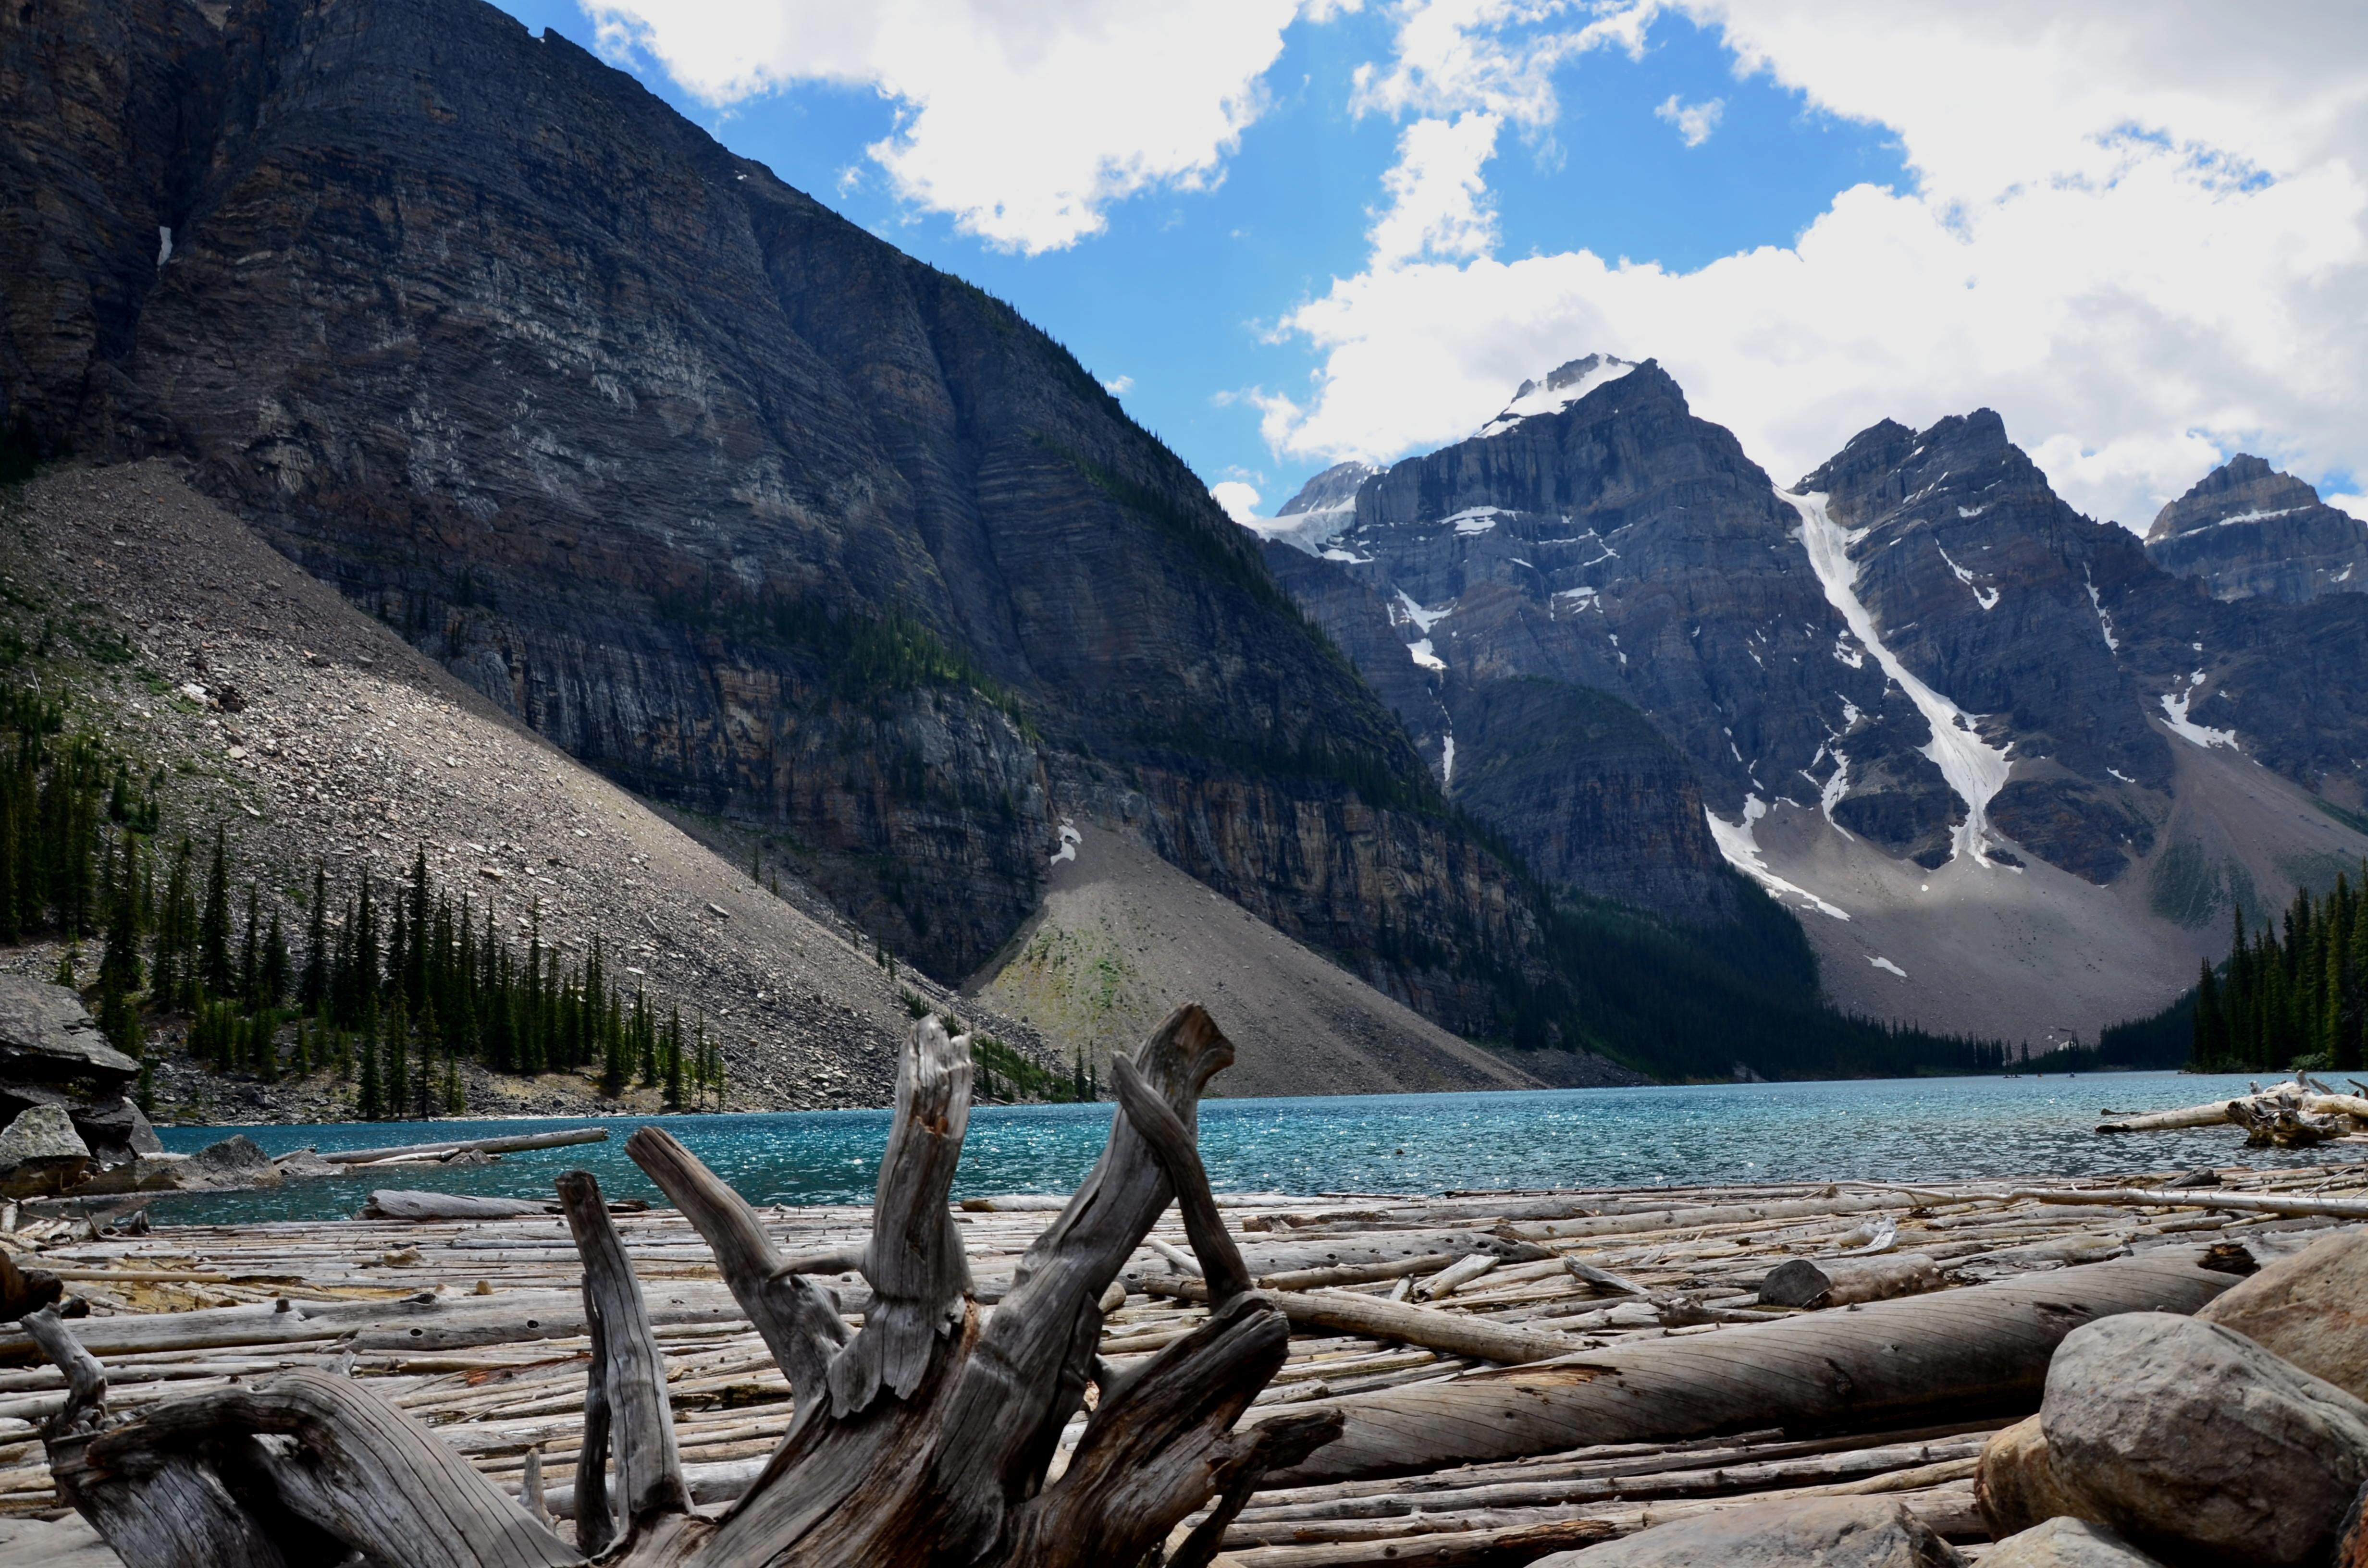 Moraine Lake, Alberta (CAN)